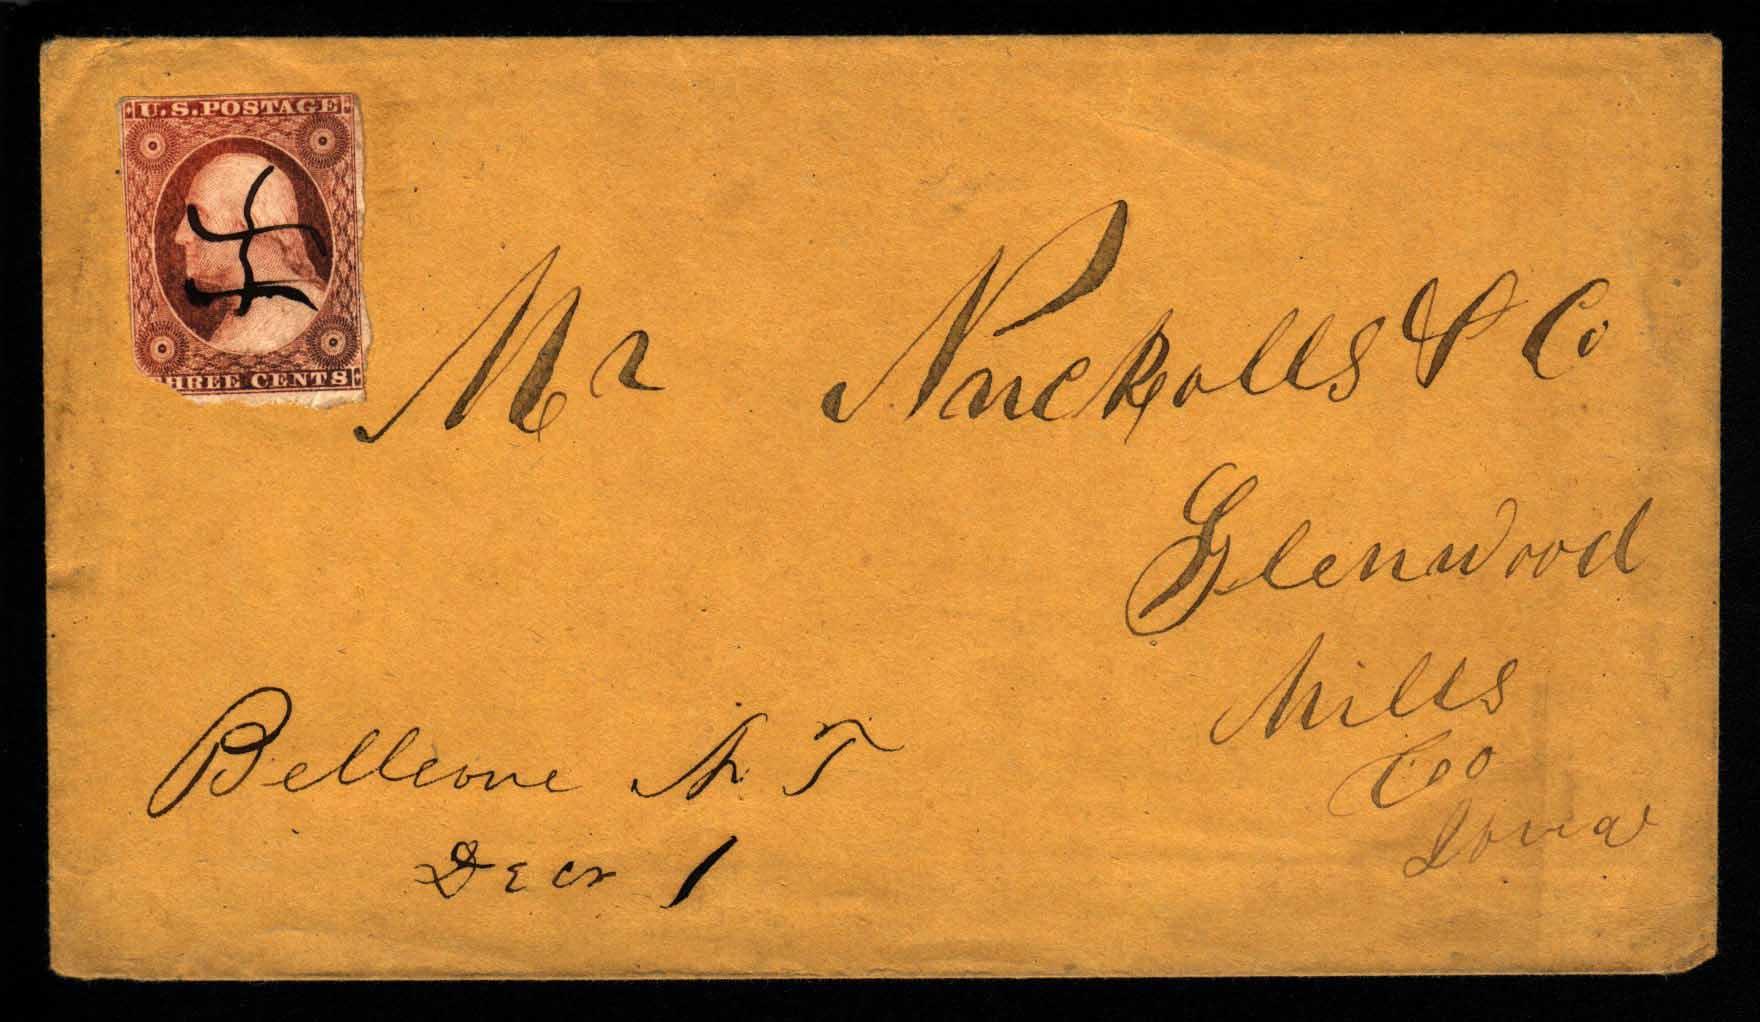 Bellevue 1856 12 01